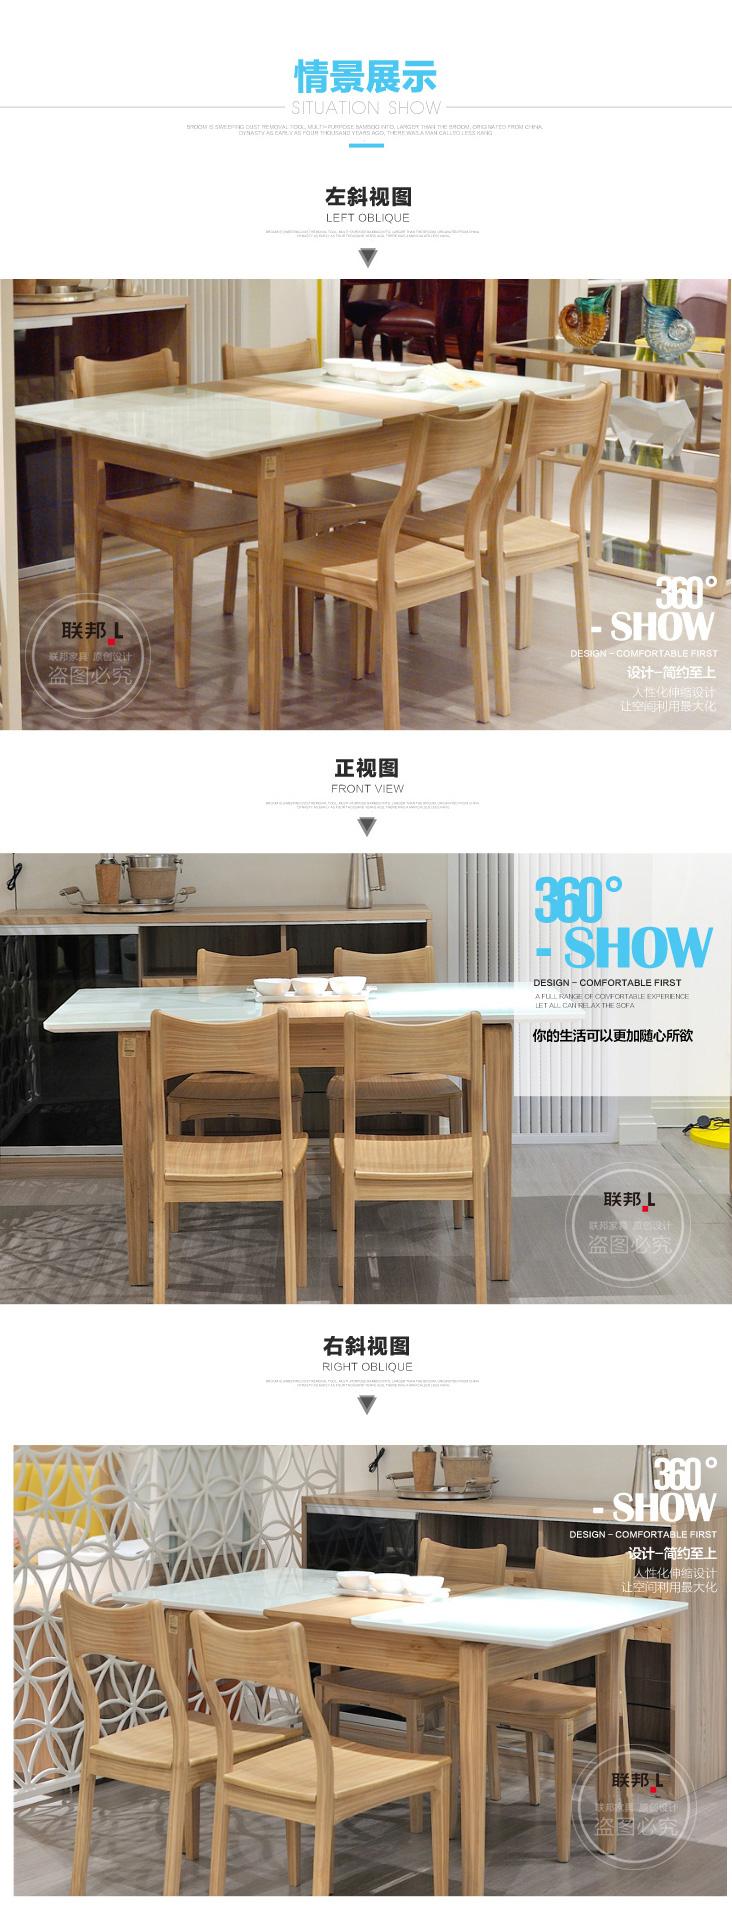 联邦家具-北欧现代实木可伸缩餐桌_02.jpg